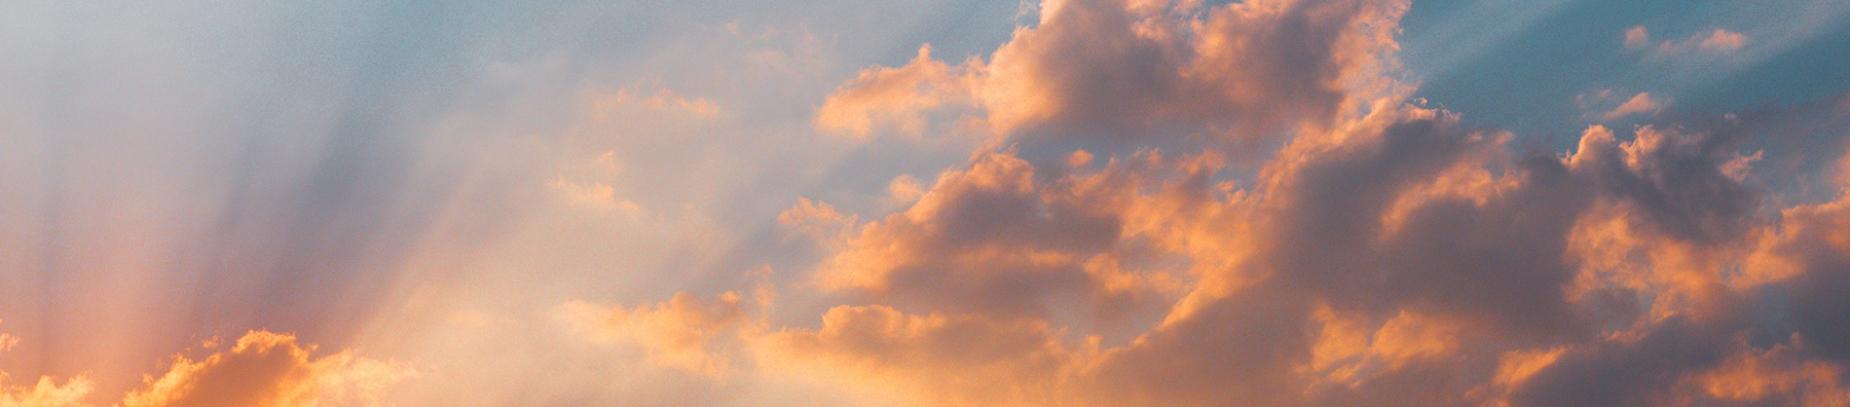 The sky at sun set